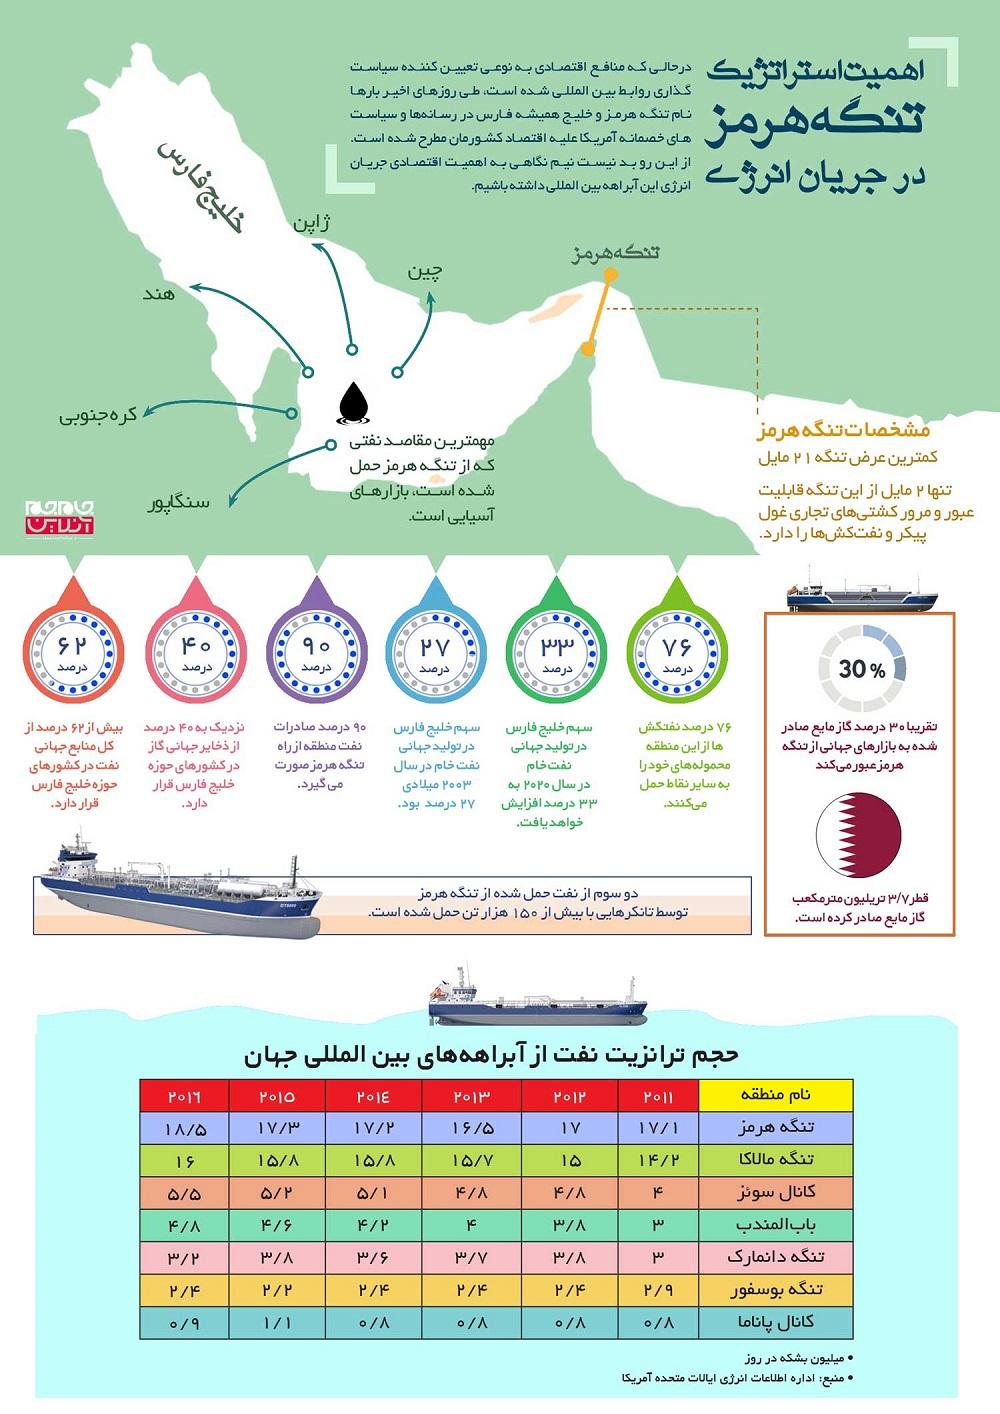 وقتی هلالی در خلیج فارس شریان حیات صادرات نفت جهان است